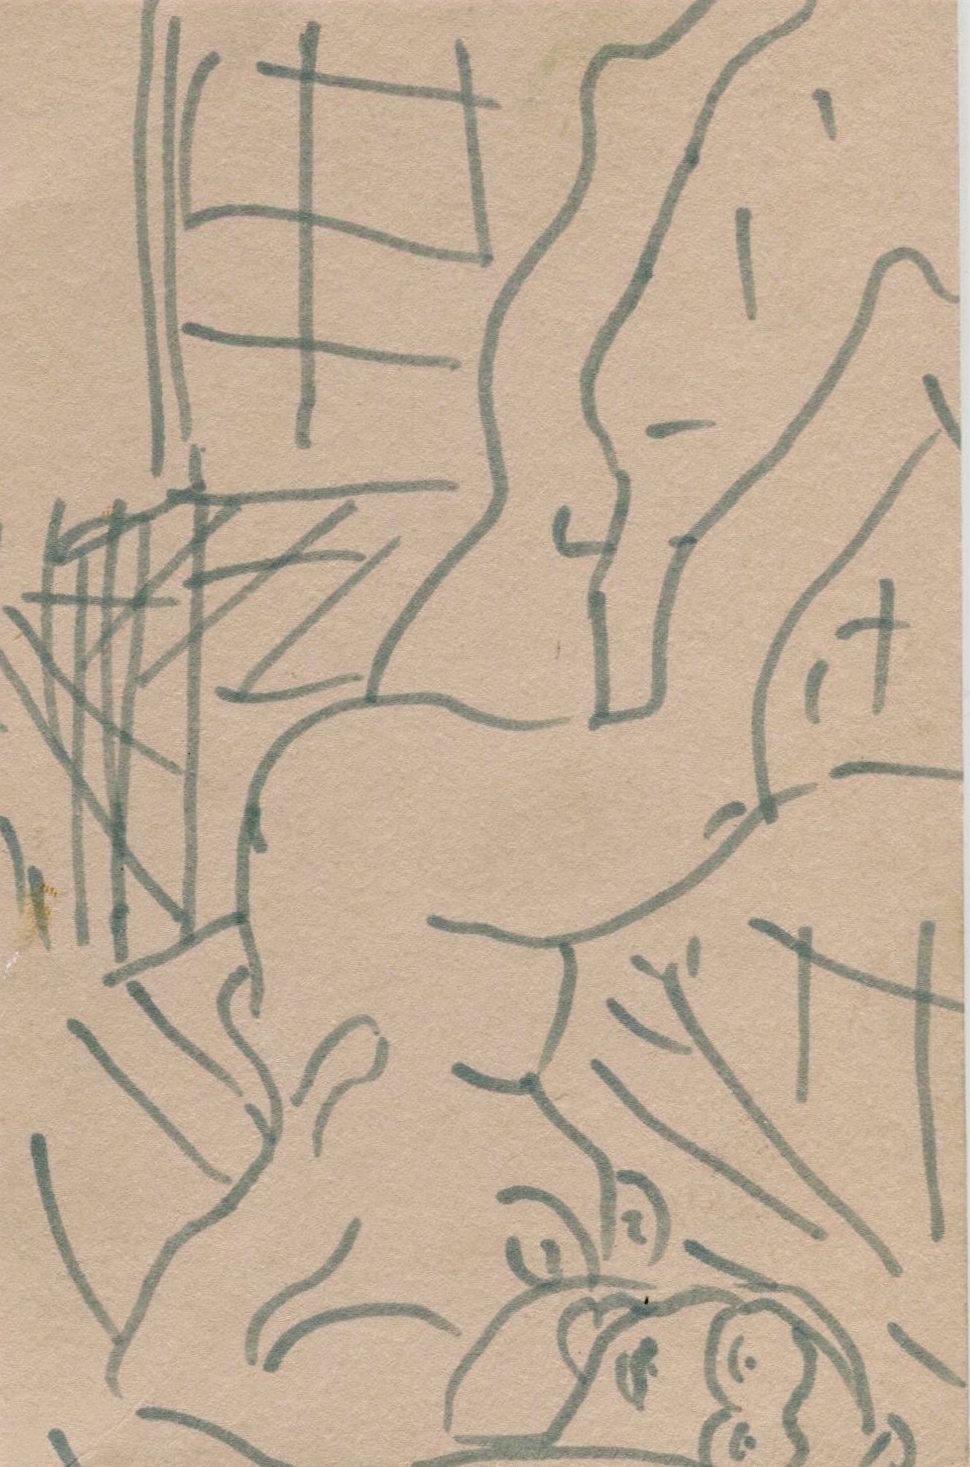 When We First Met ii   Pen on paper  12.5 x 8.5 cm